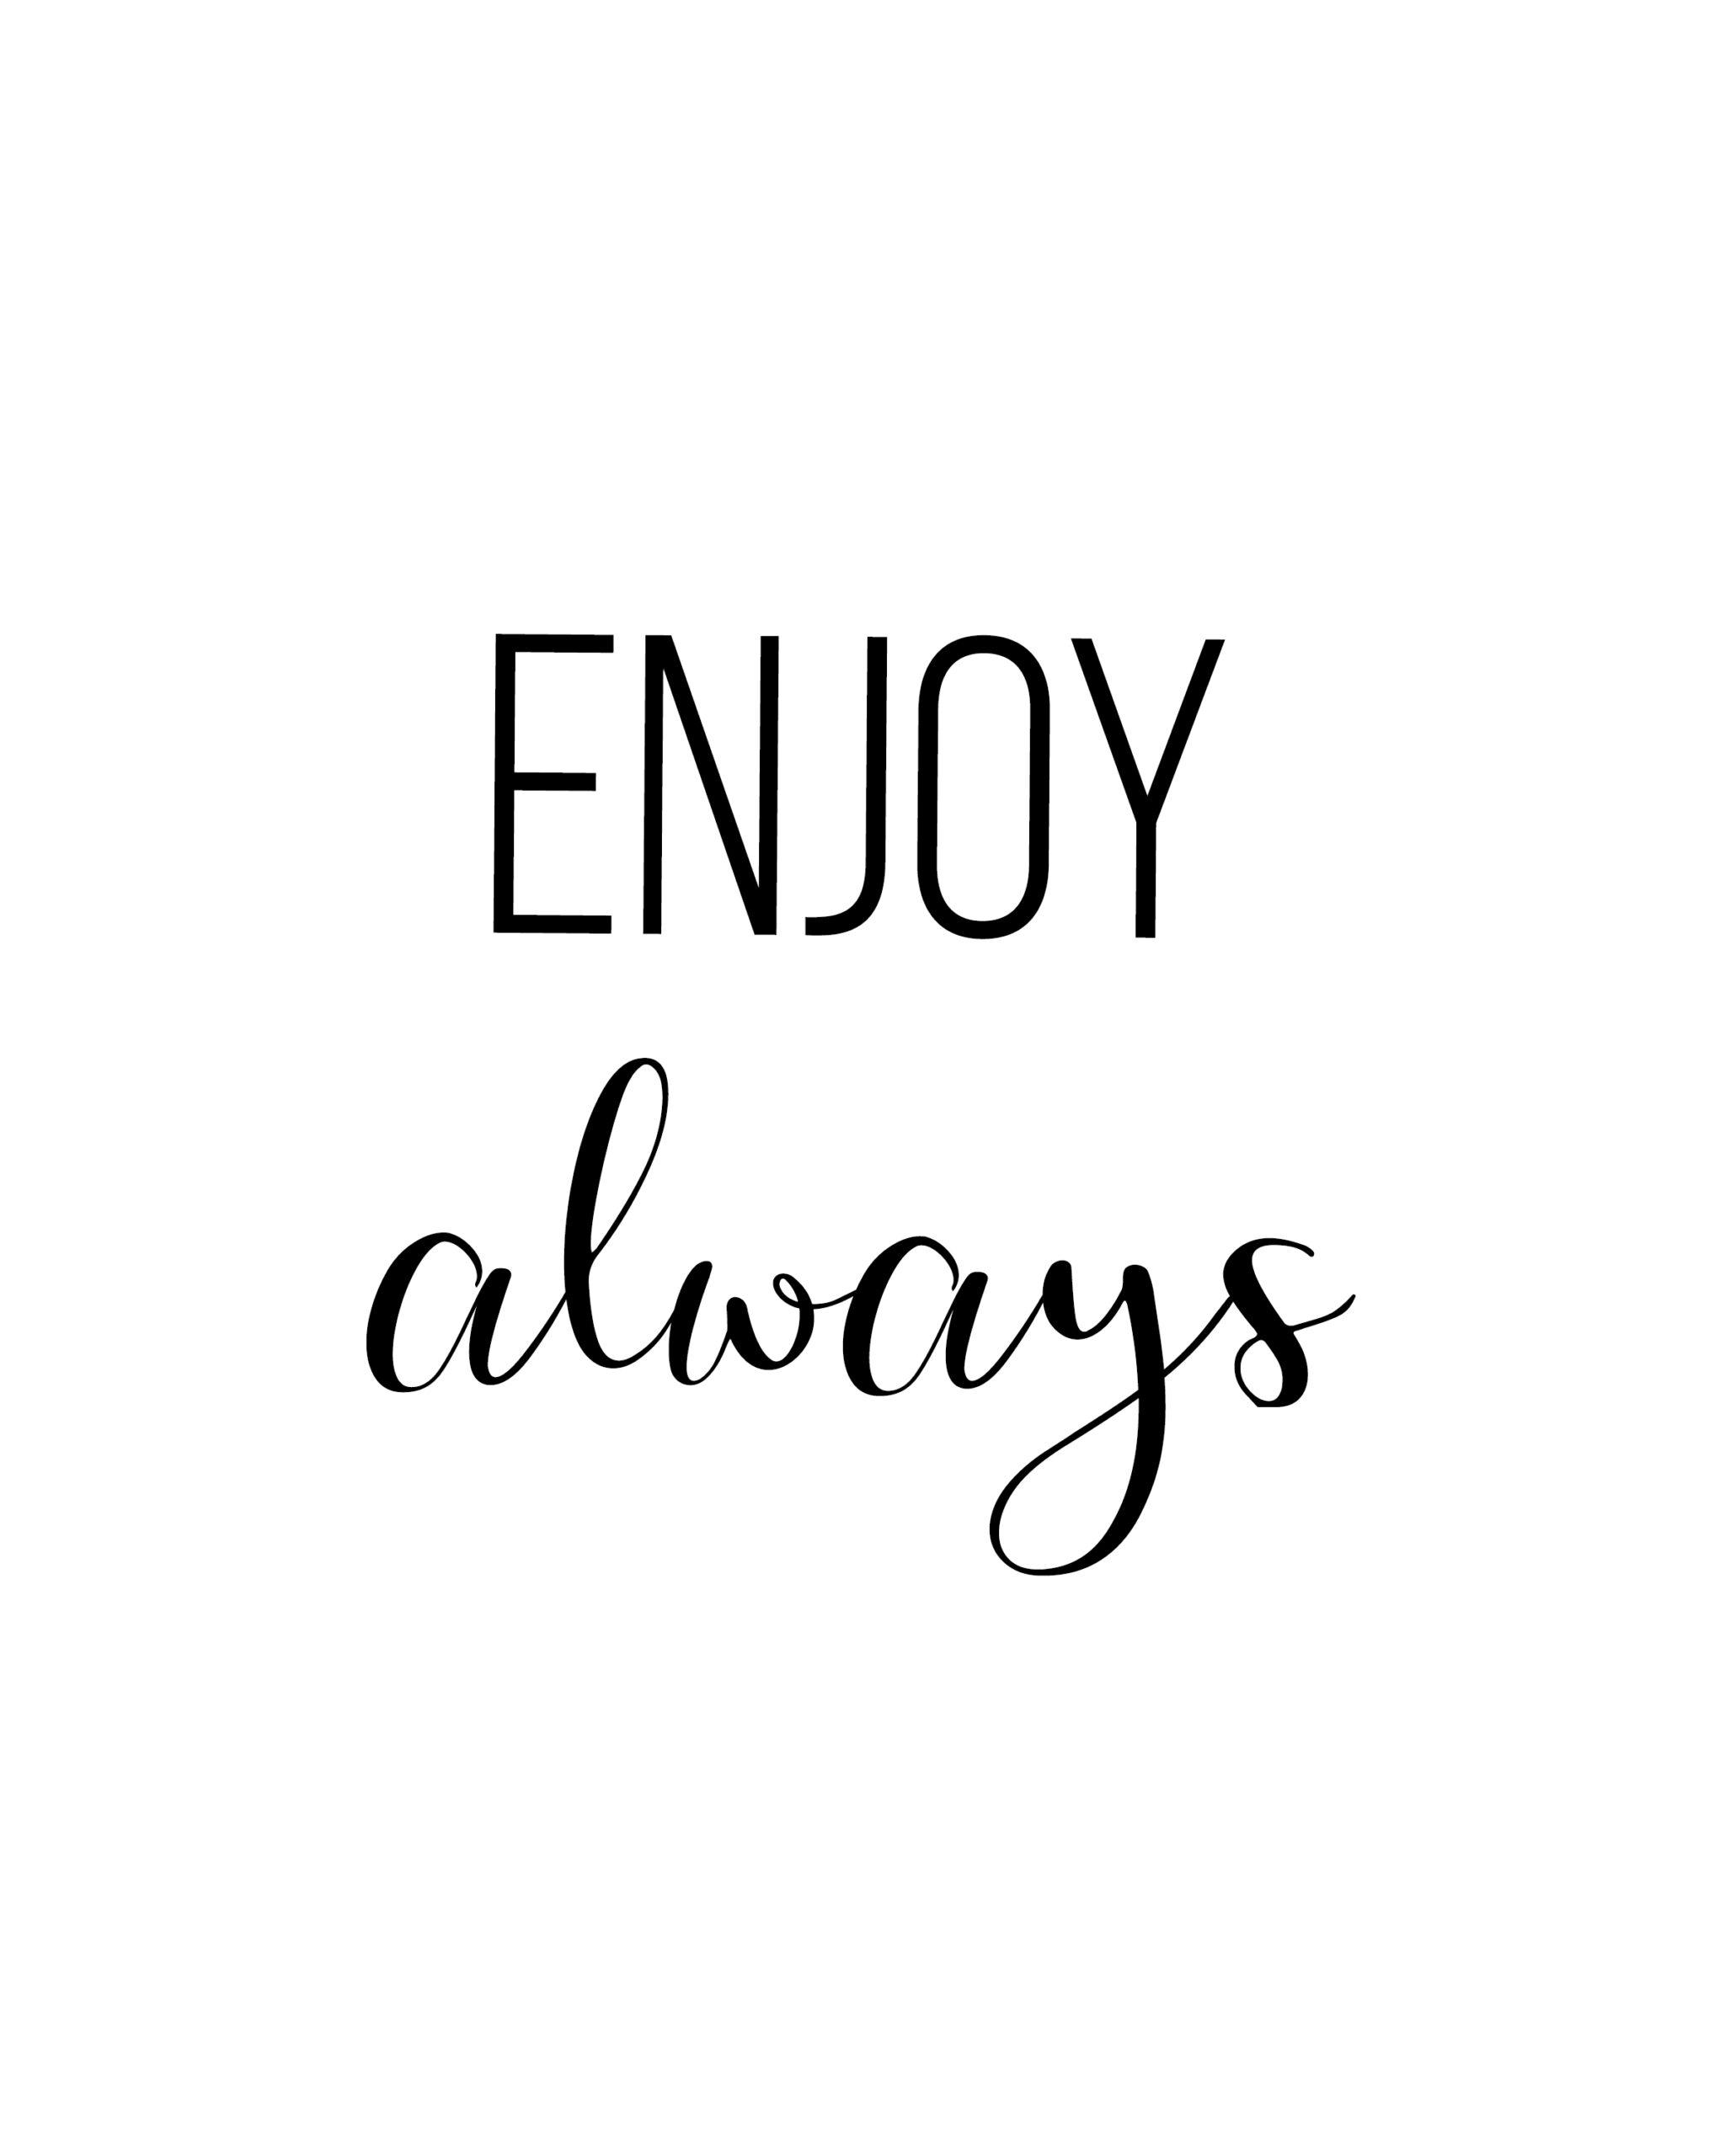 Enjoy Always